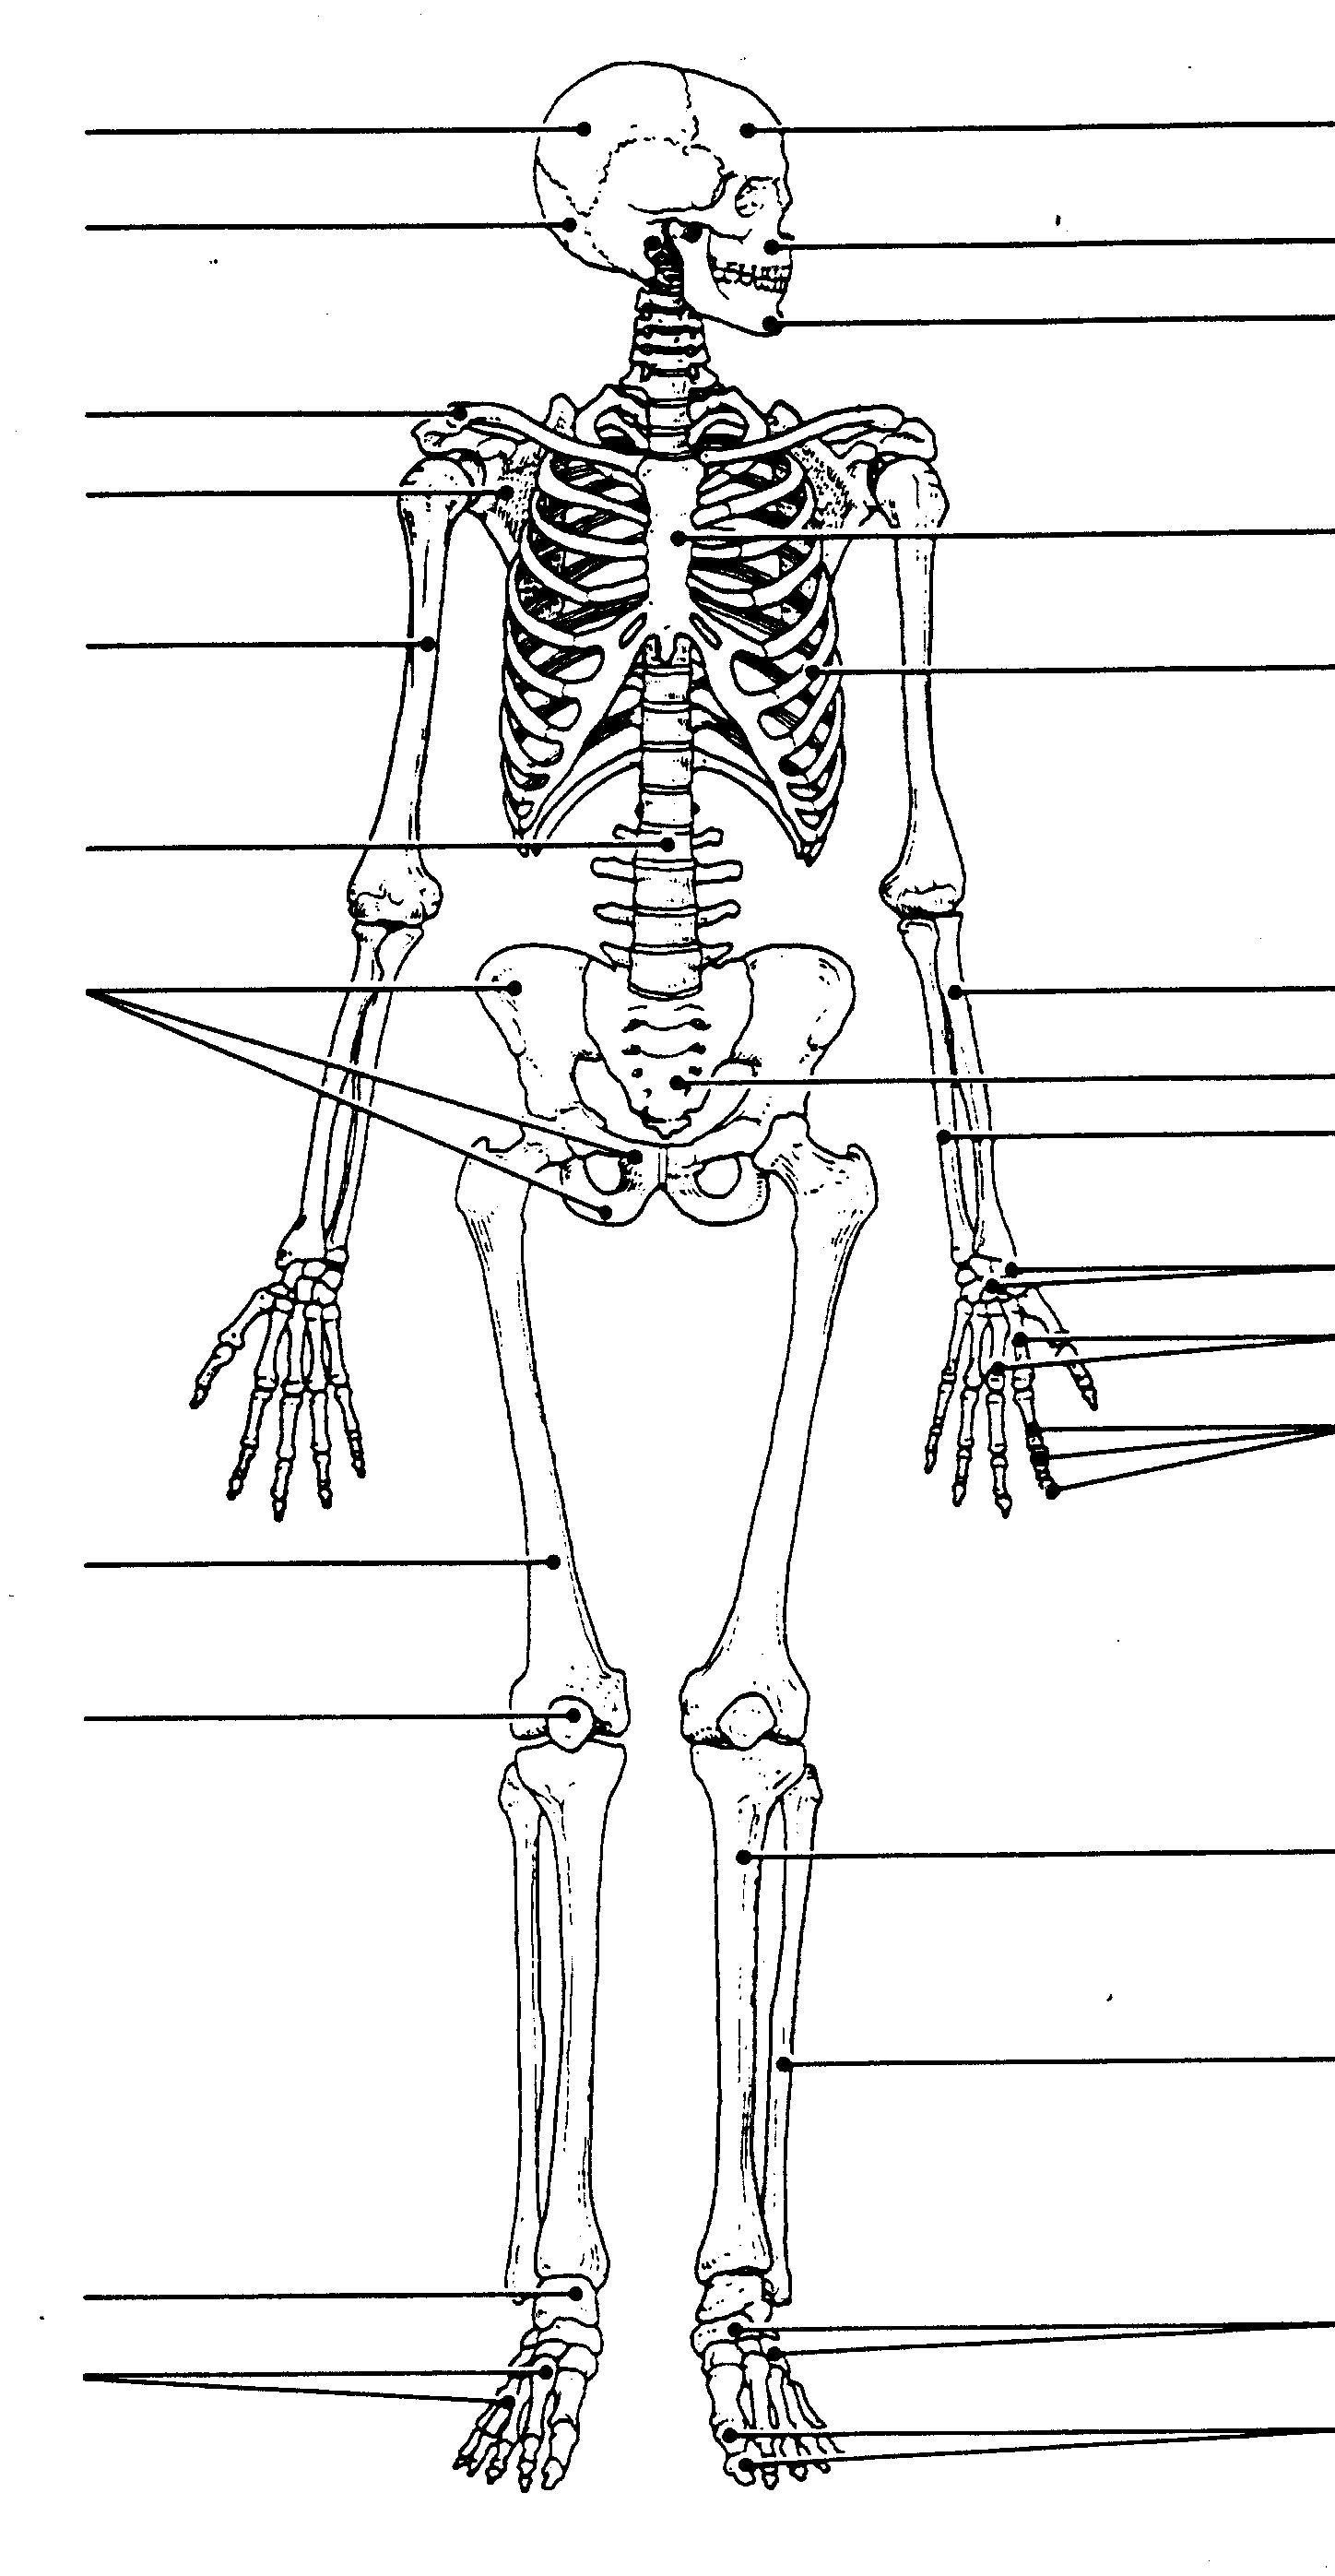 unlabeled human skeleton diagram unlabeled human skeleton diagram blank human skeleton diagram unlabeled human skeleton [ 1448 x 2793 Pixel ]